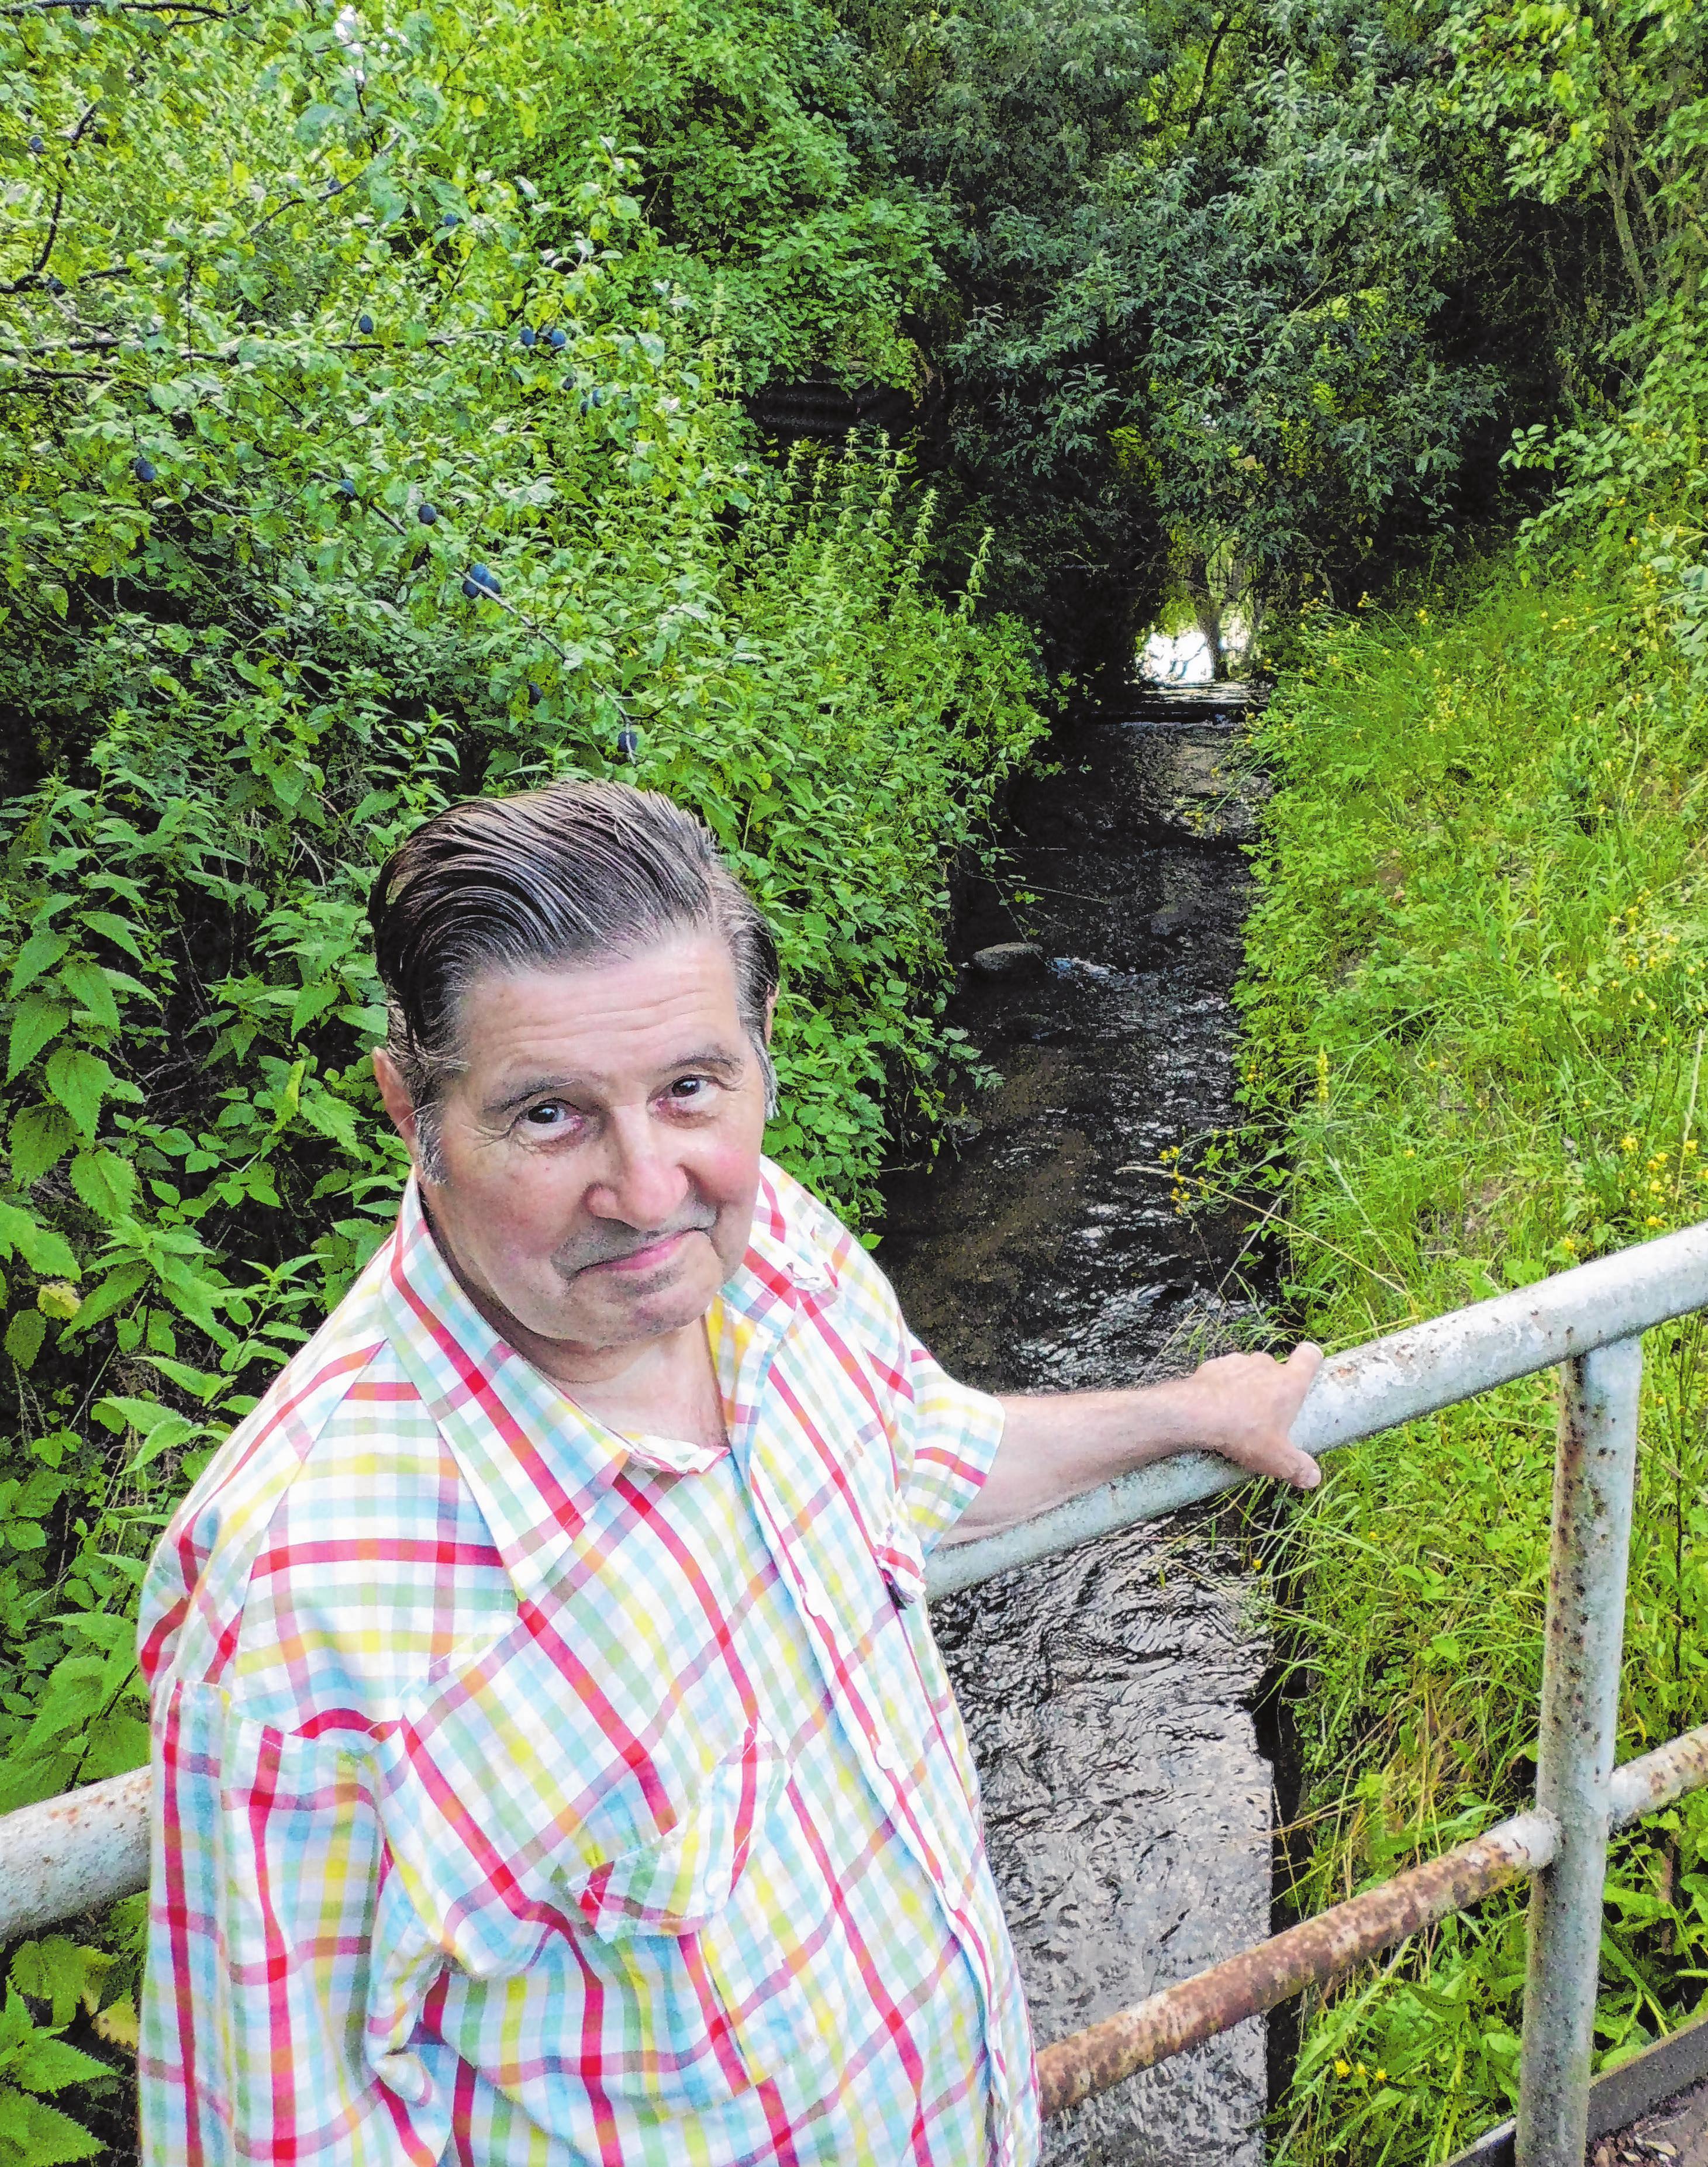 Ortschronist Rolf Haak (Archivfoto) wohnt seit November 1936 im Dornenweg 11.